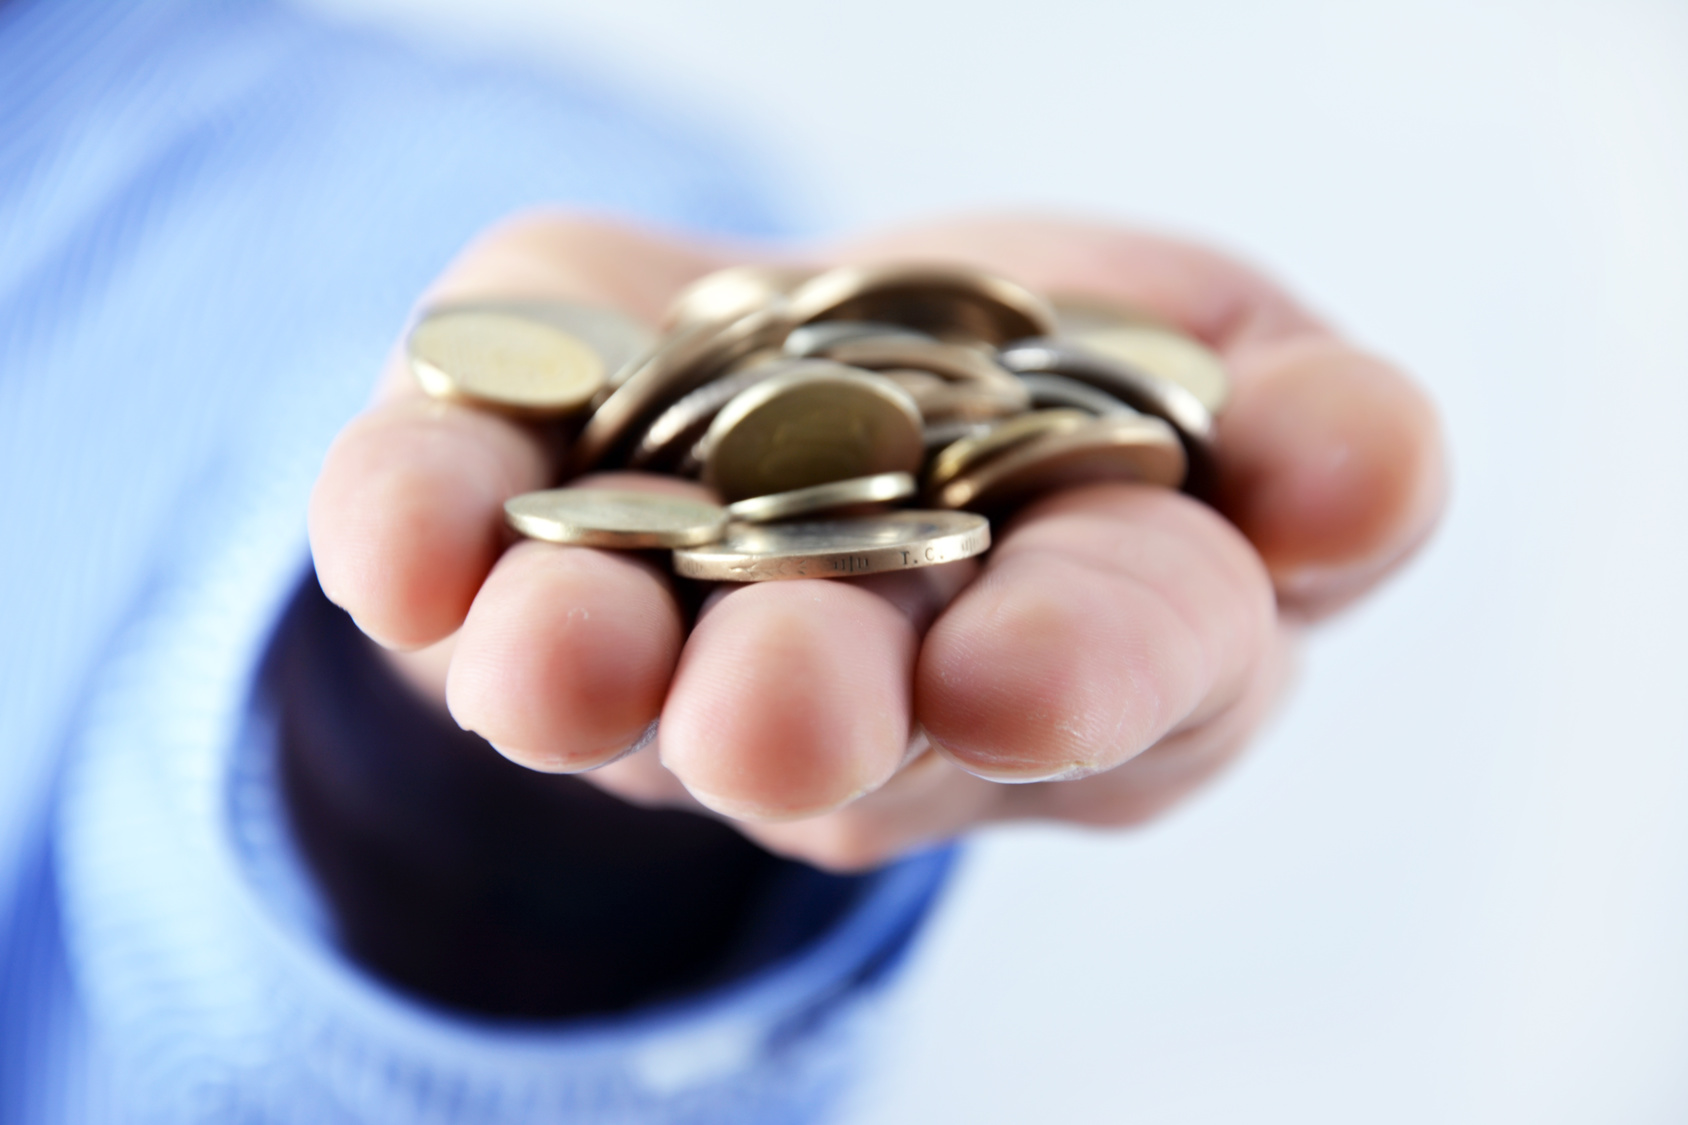 Вклады для пенсионеров с максимальными процентами: подборка